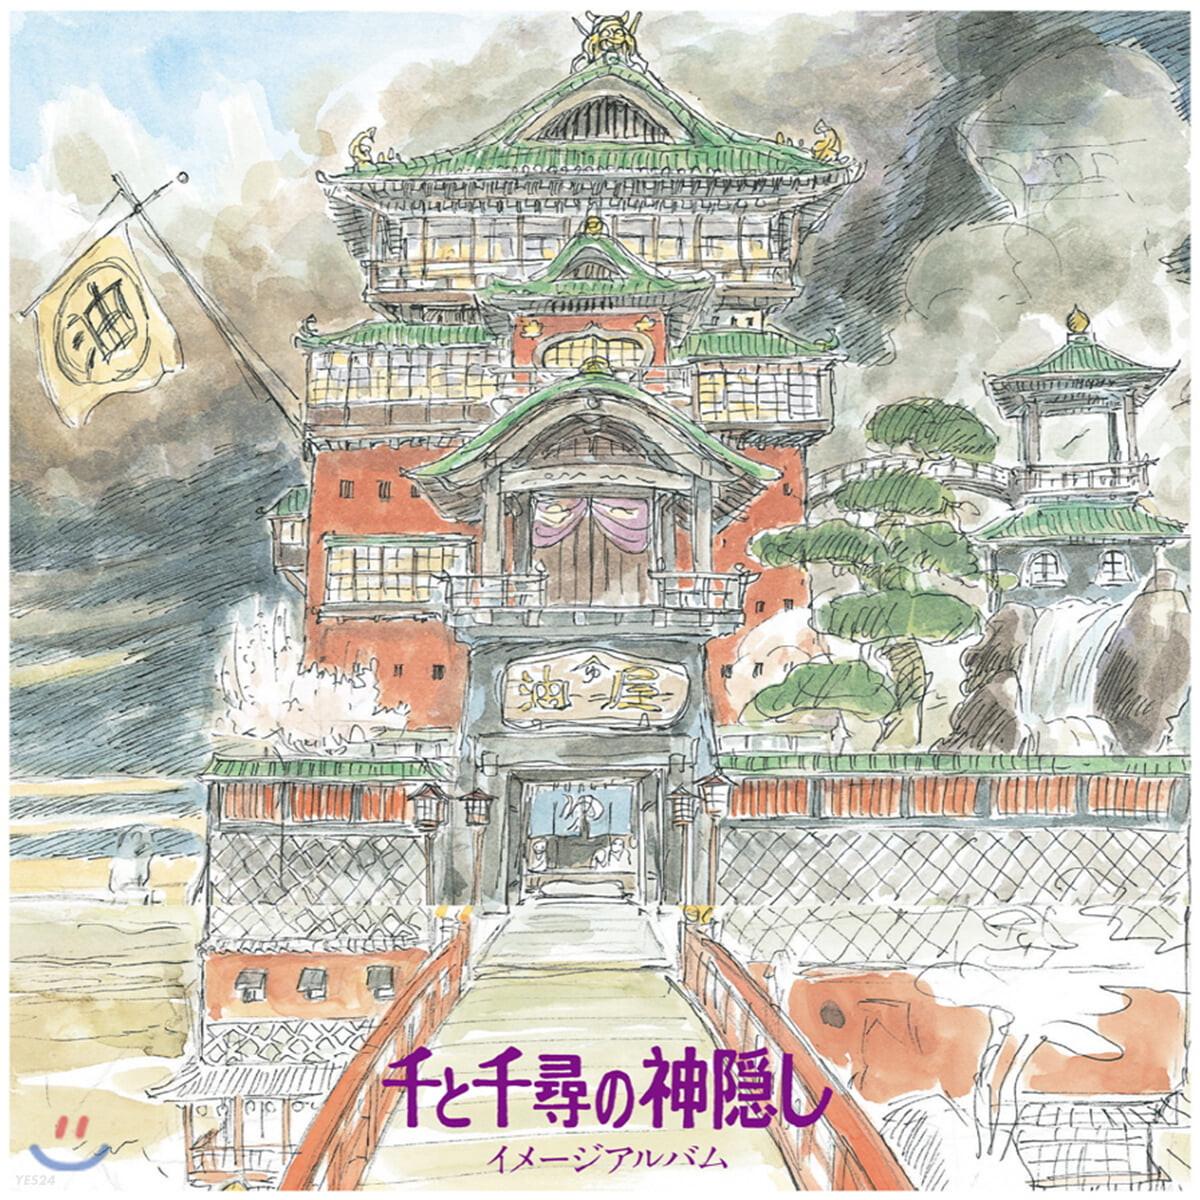 센과 치히로의 행방불명 이미지 앨범 (The Spiriting Away Of Sen And Chihiro Image Album by Joe Hisaishi 히사이시 조) [LP]